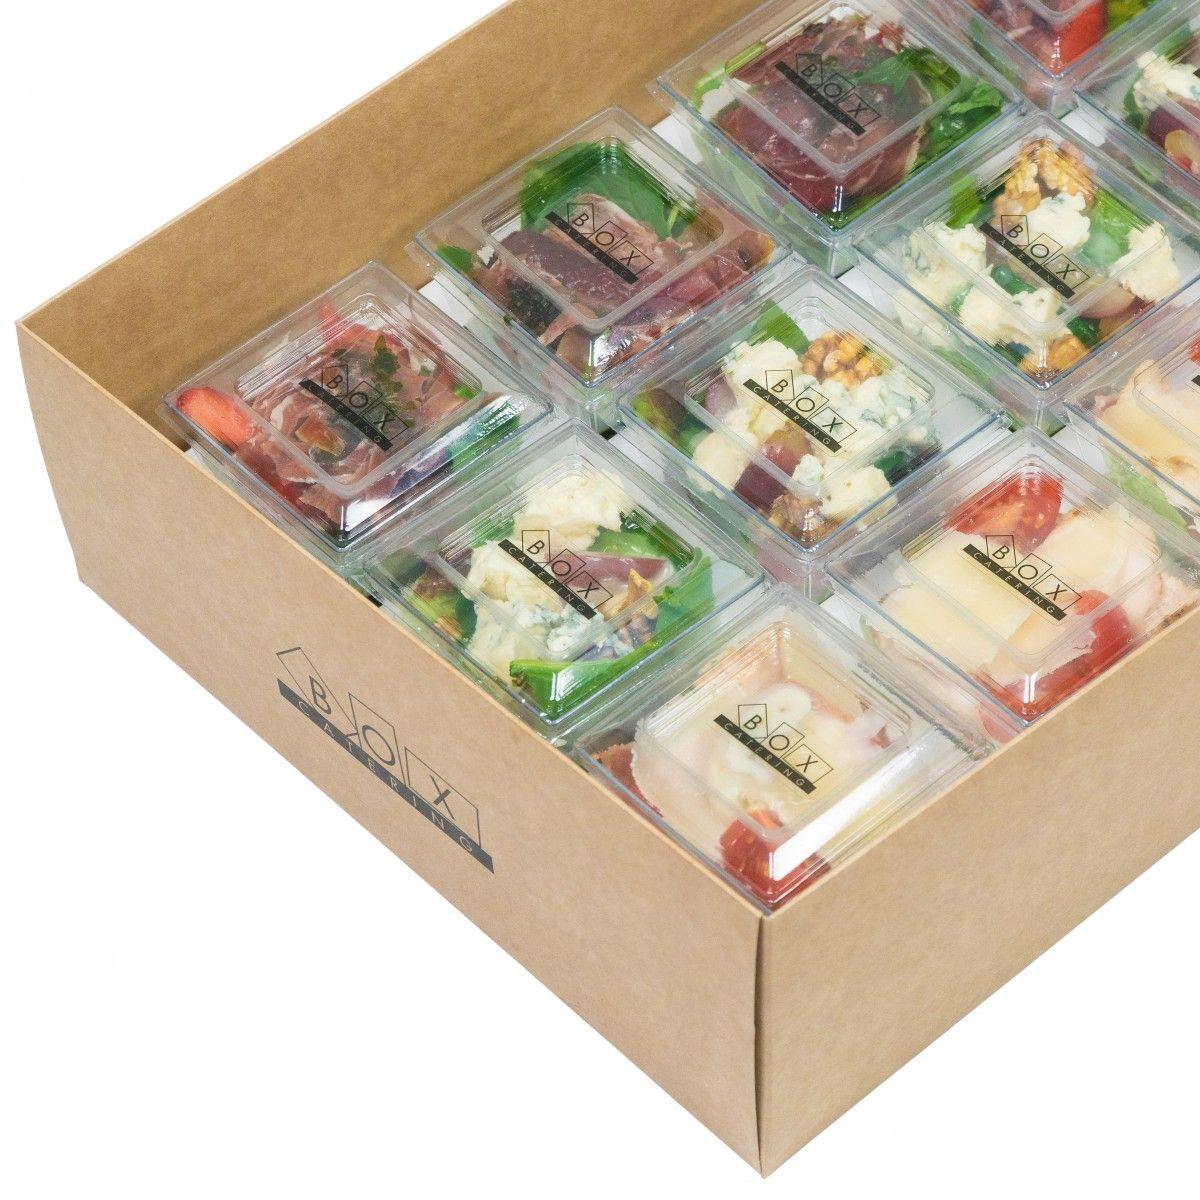 Chef salads big box фото 3